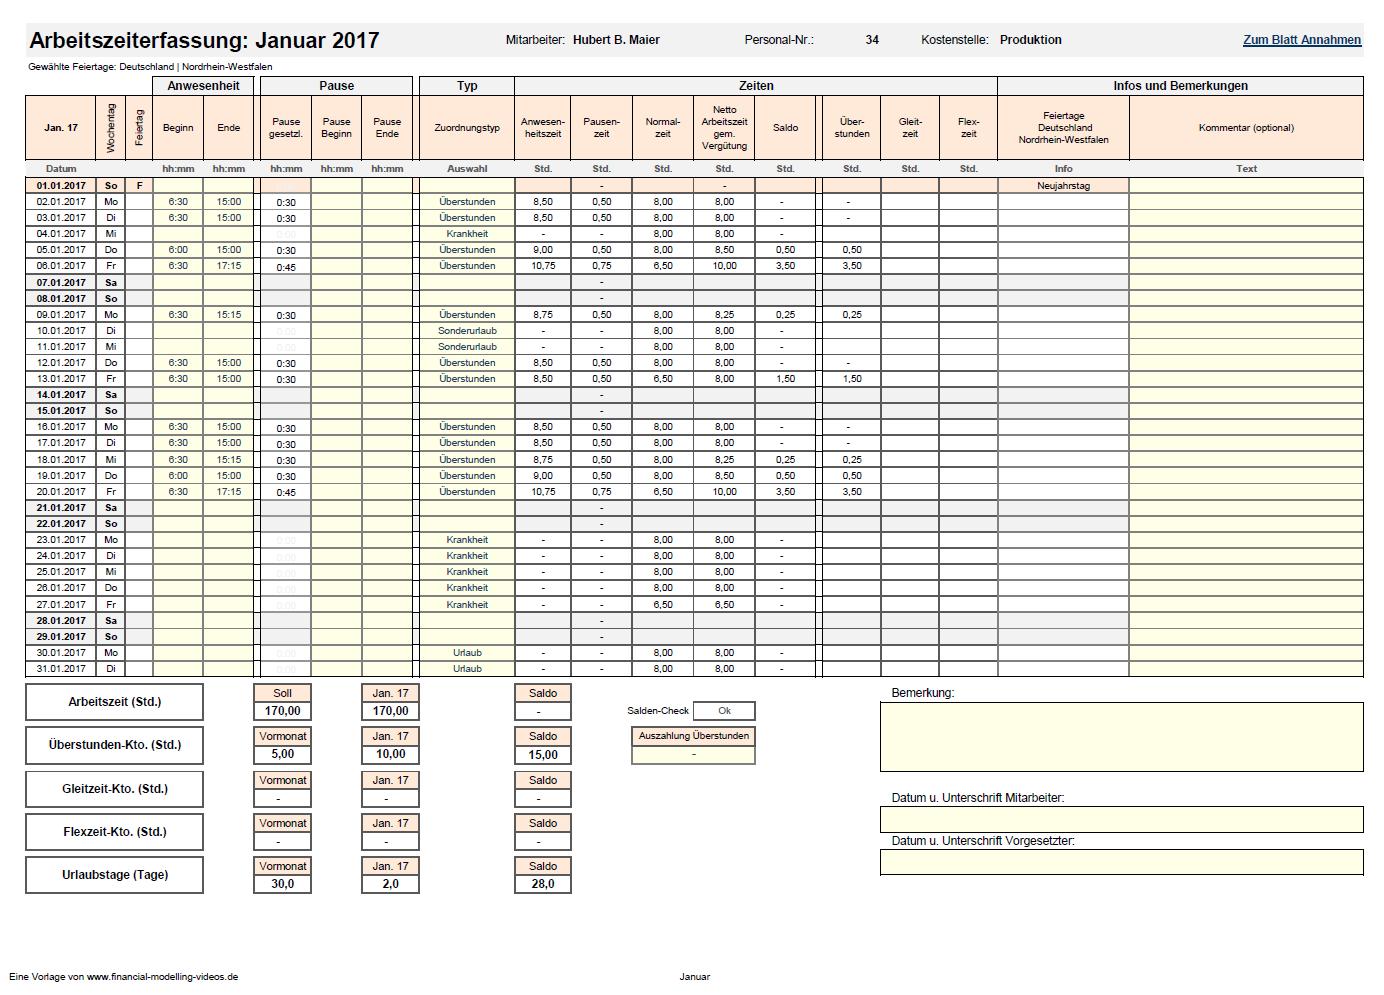 Schön Xls Stundenzettel Vorlage Ideen - Entry Level Resume Vorlagen ...